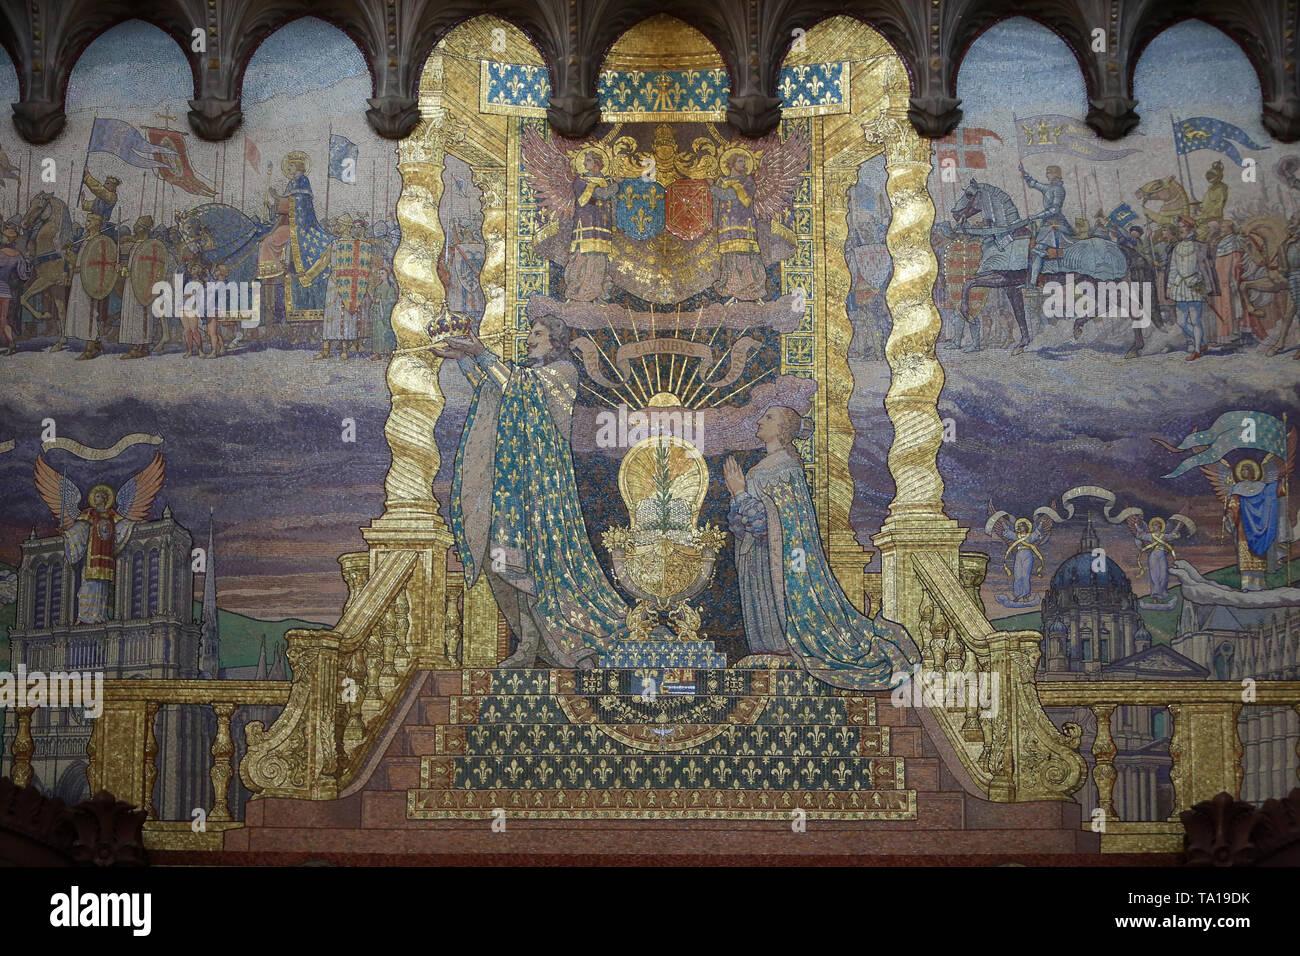 Le voeu de Louis XIII. Mosaïque murale exécutée par les ateliers Martin de Paris. Basilique Notre-Dame de Fourvière. Lyon. - Stock Image